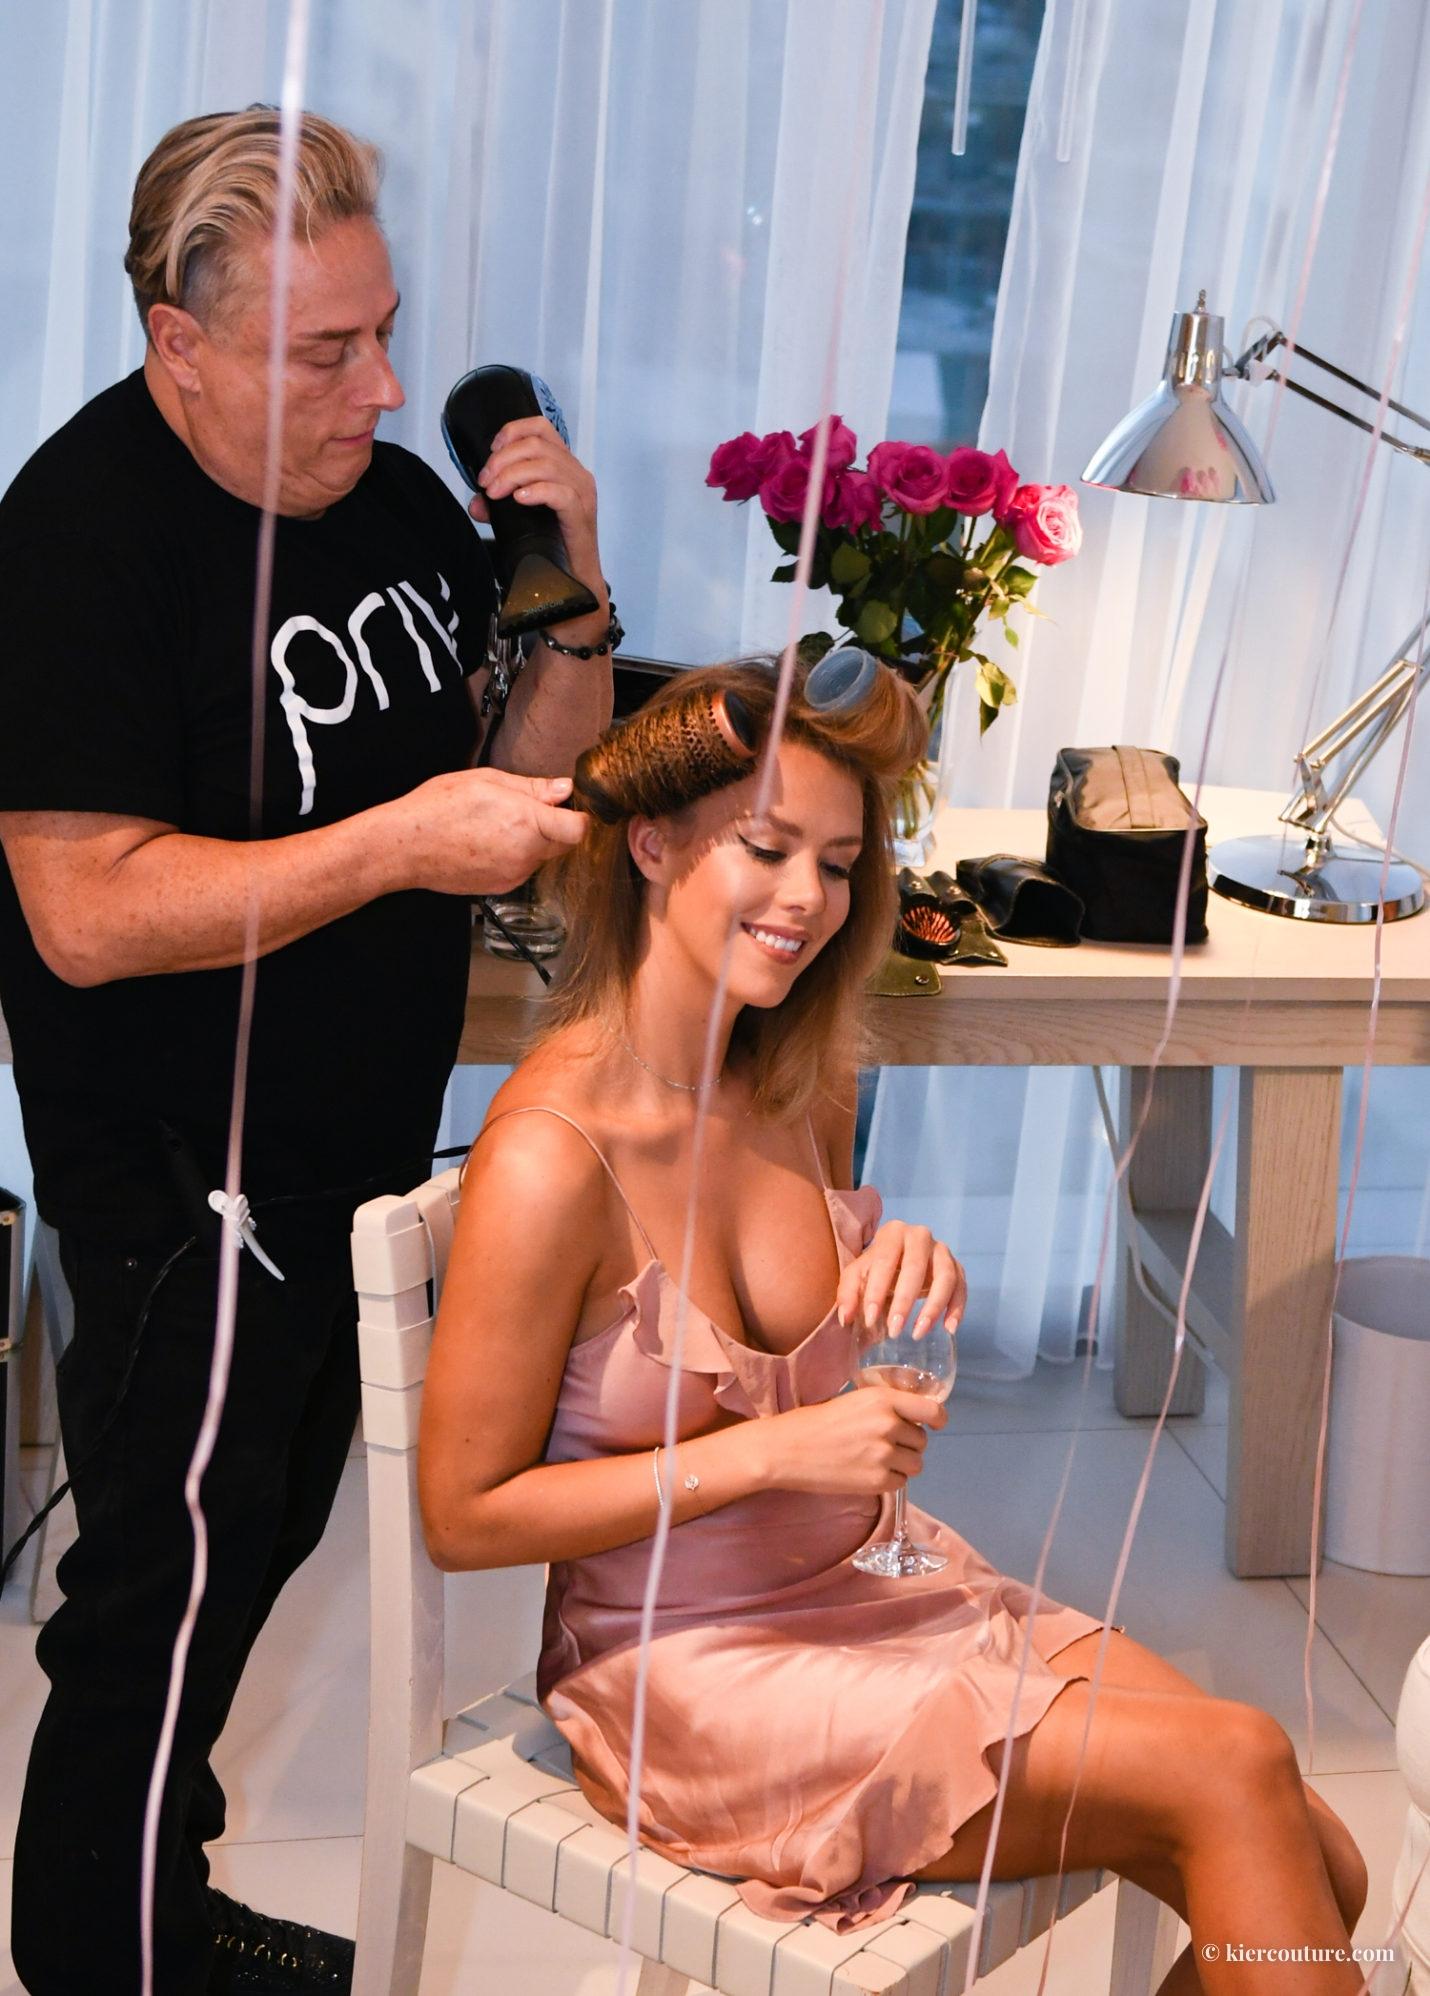 priv Glen Beauty Master styling Kier Mellour's hair